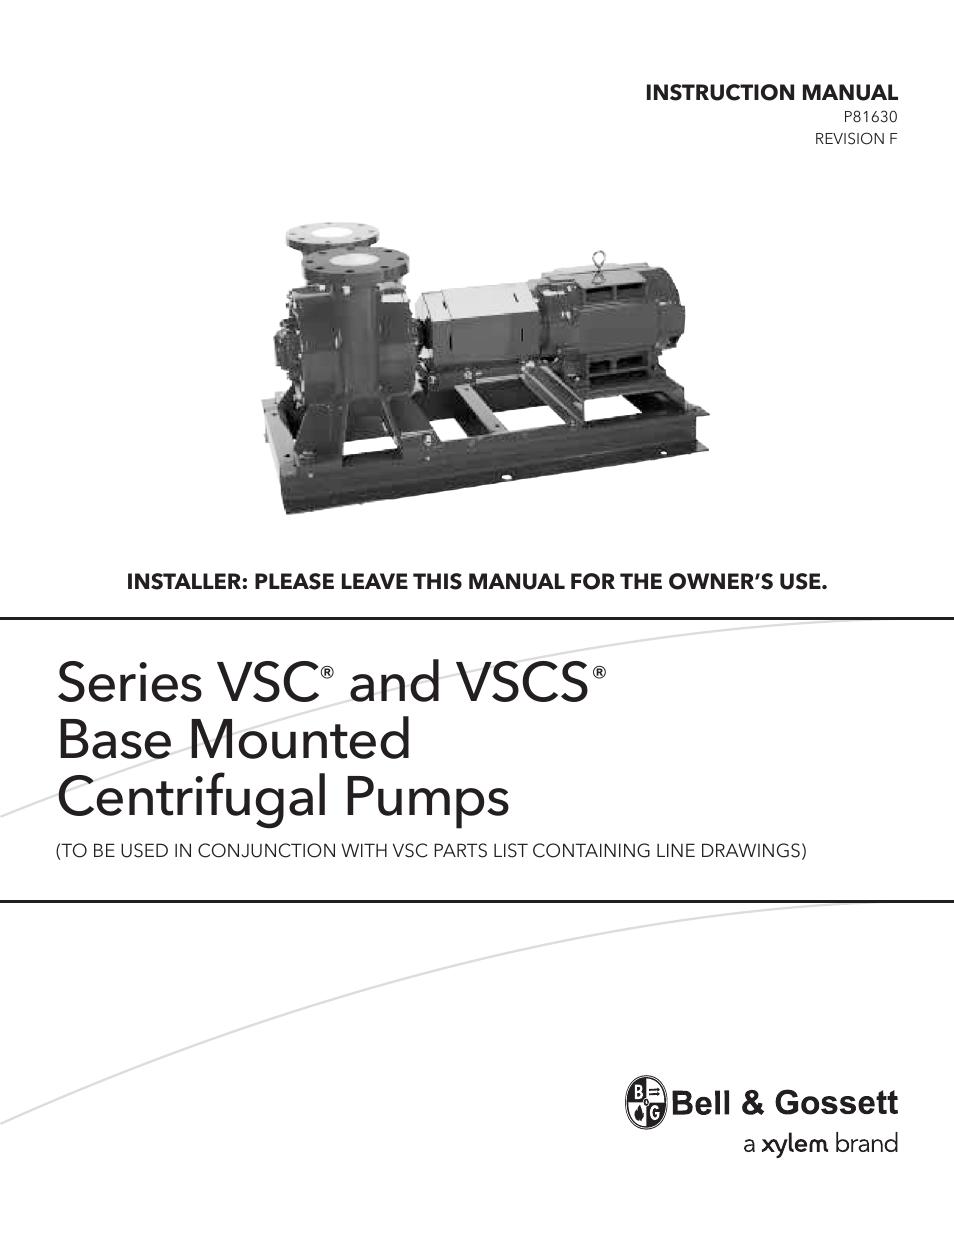 bell gossett p81630f series vscs base mounted centrifugal pumps page1 bell & gossett p81630f series vscs base mounted centrifugal pumps